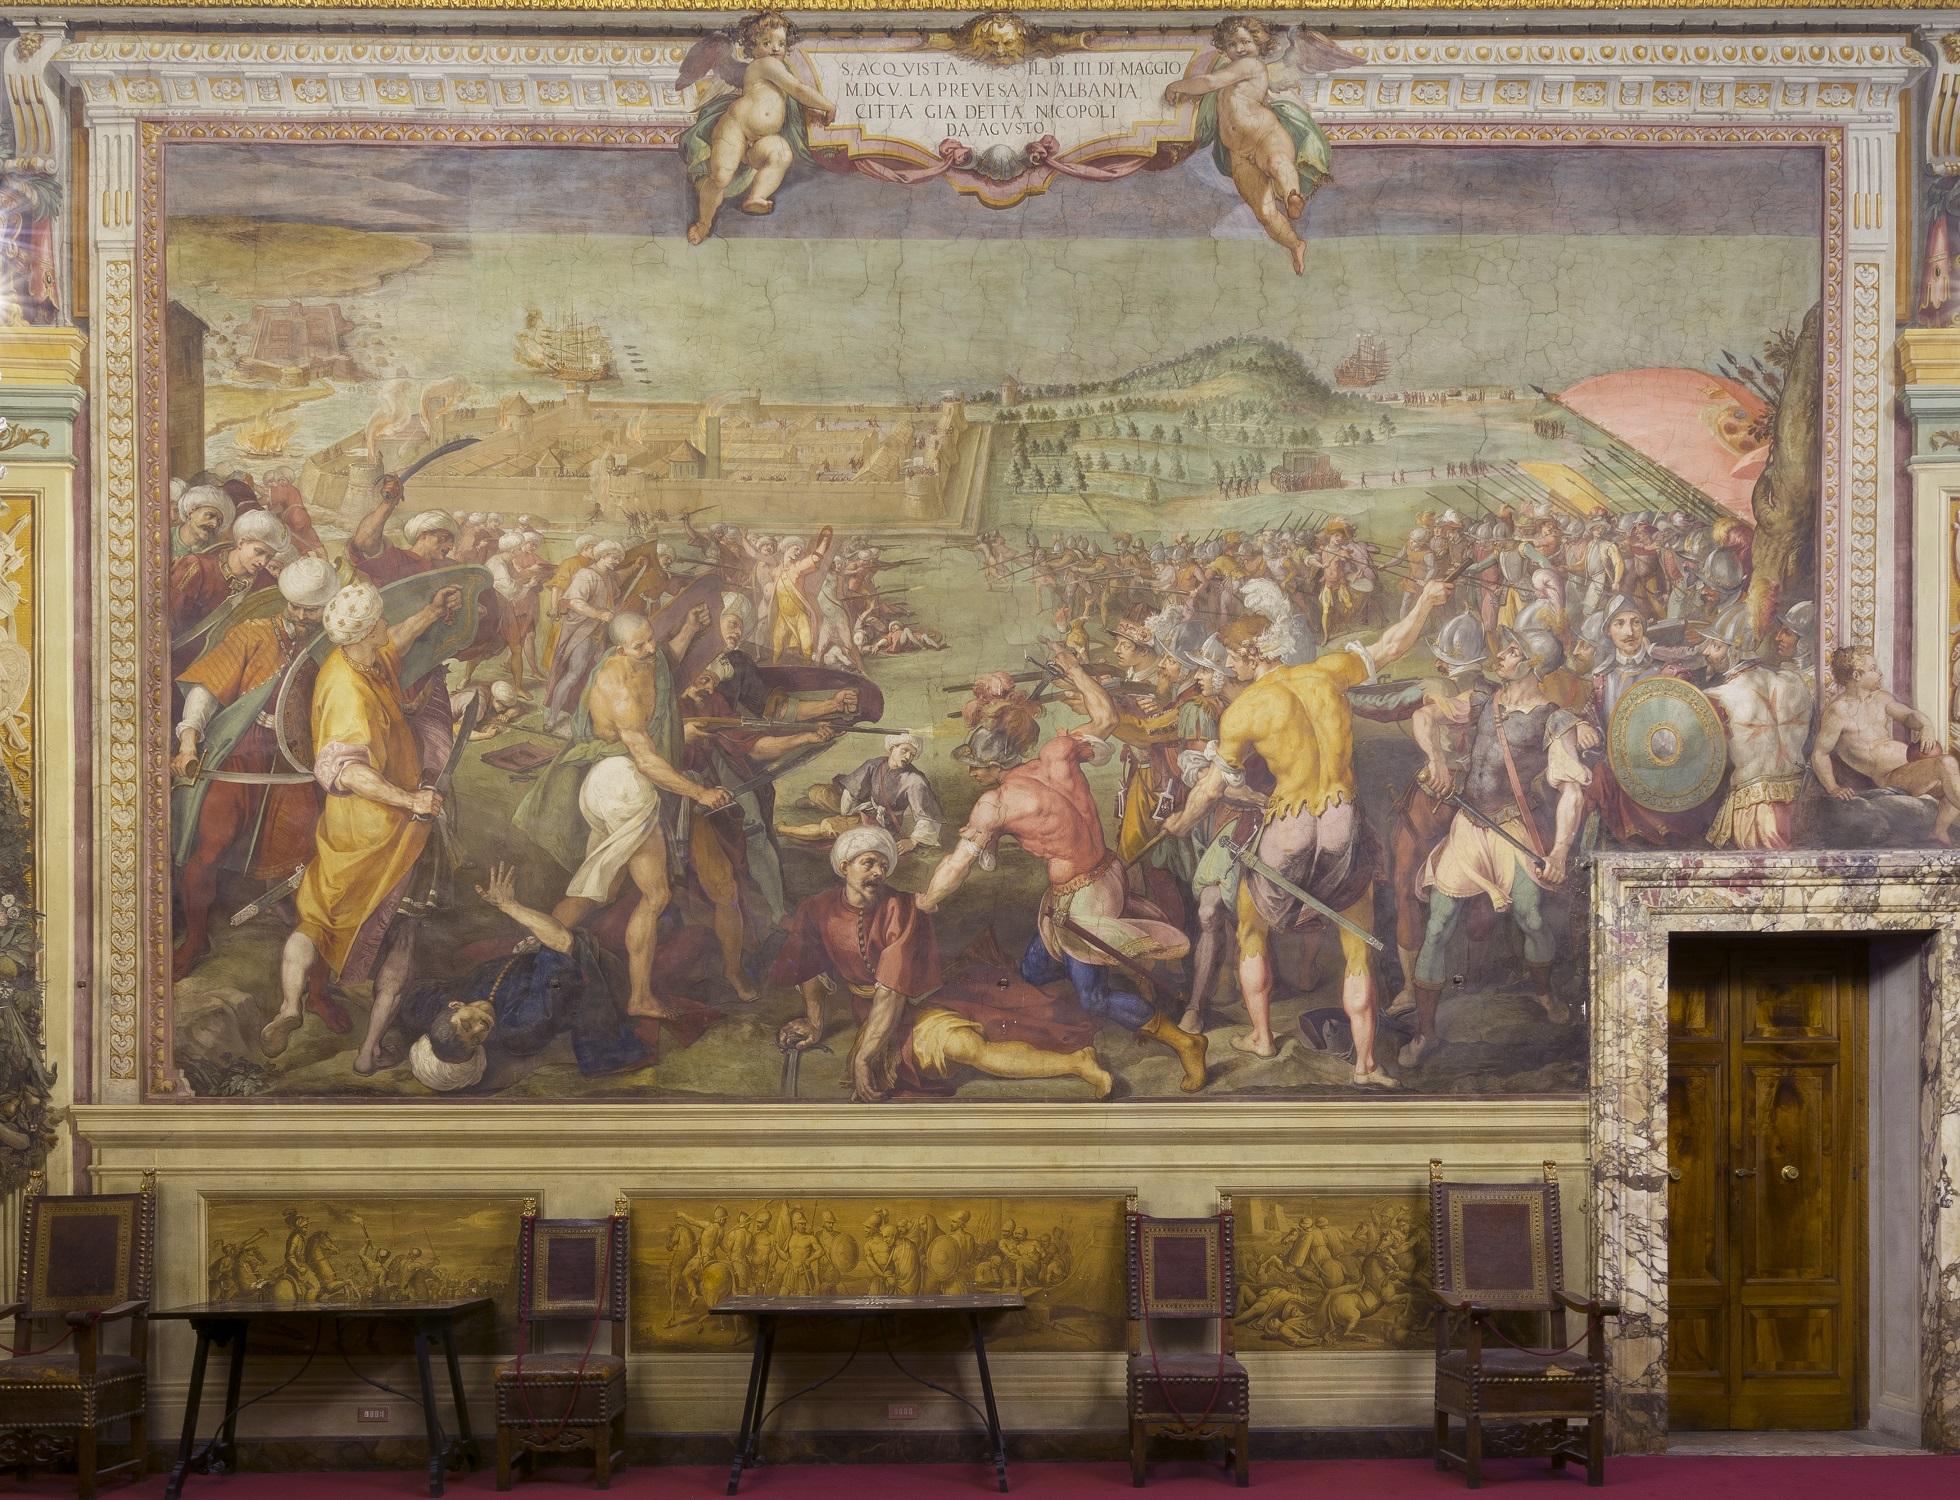 Veronica Atkins dona un milione di dollari alle Gallerie degli Uffizi. Verrà restaurata la Sala di Bona